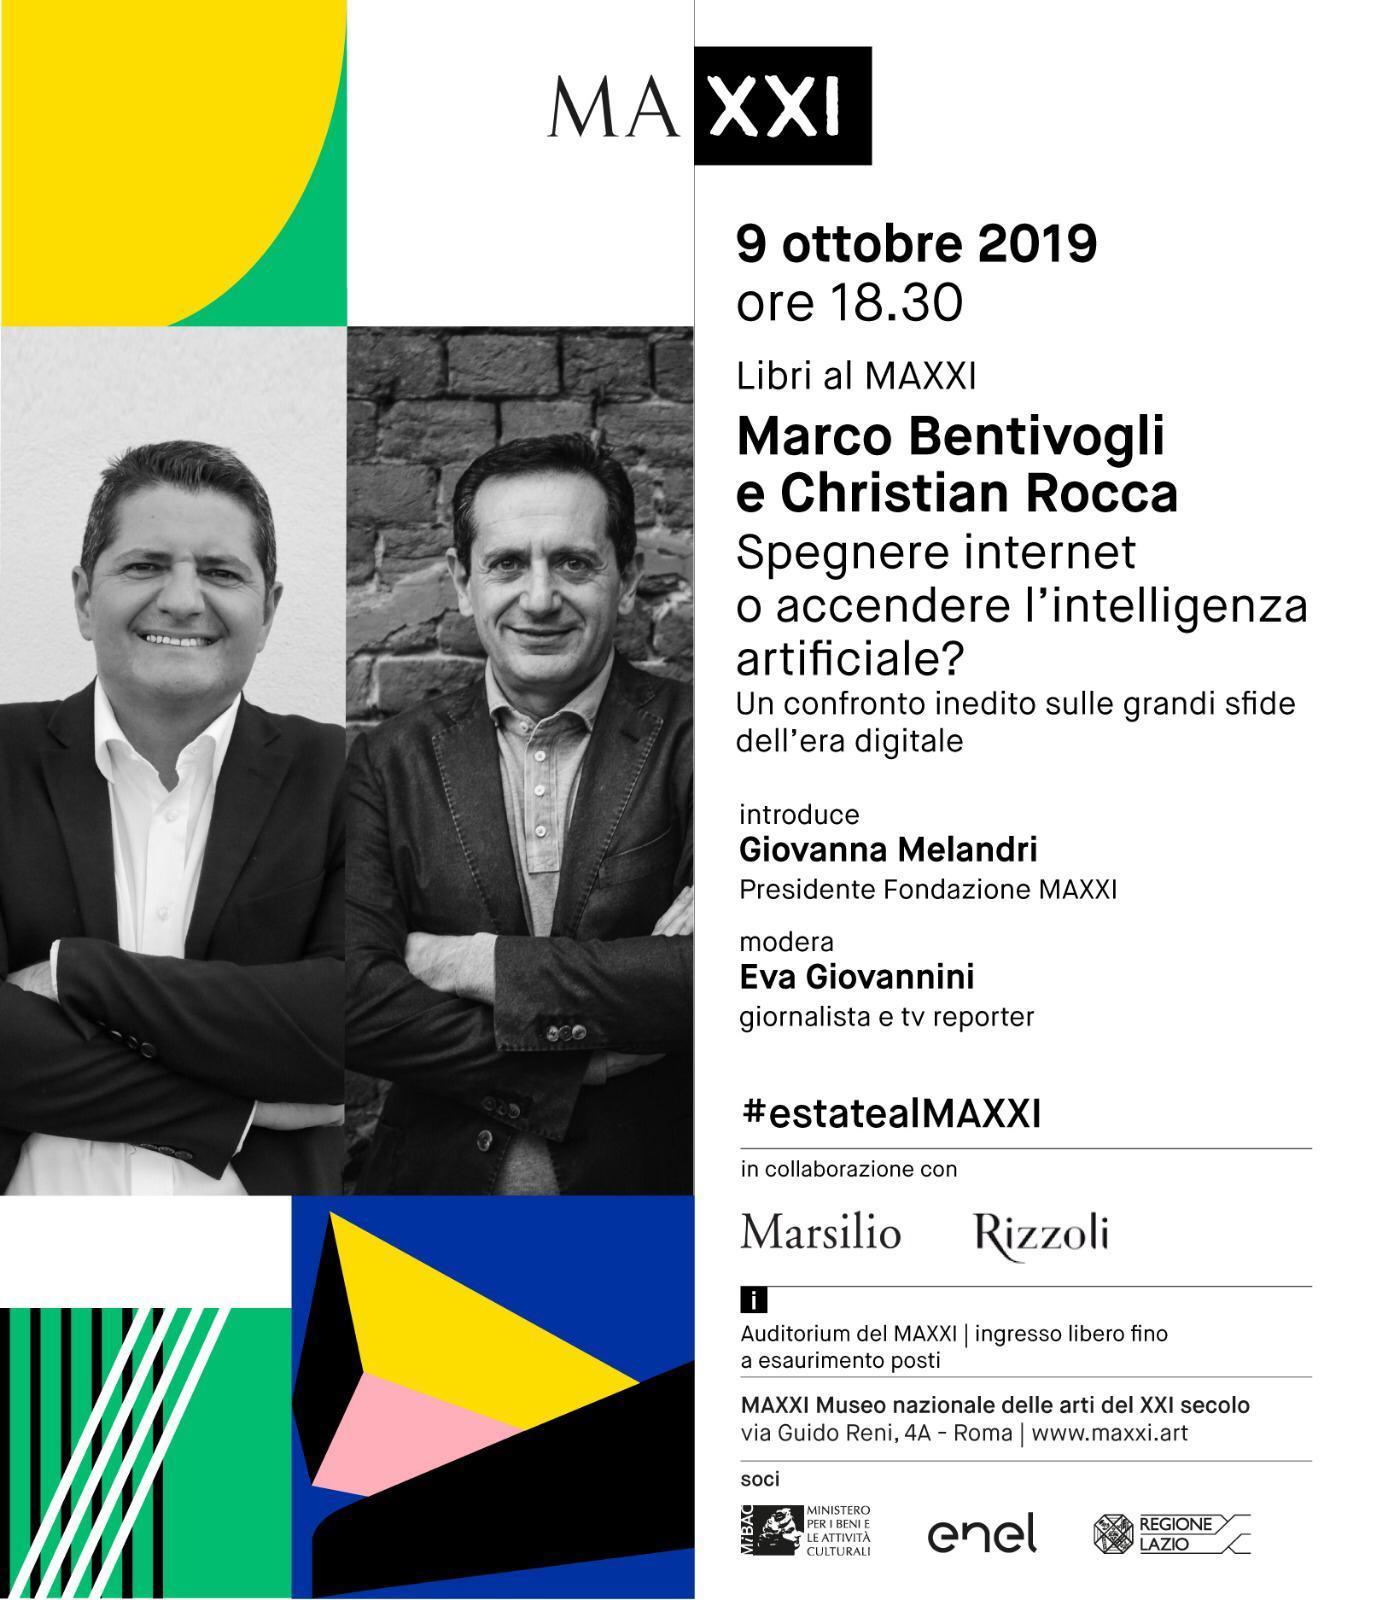 """""""Marco Bentivogli e Christian Rocca. Spegnere internet o accendere l'intelligenza artificiale?"""" - 9 Ottobre 2019 - 18:30 - Auditorium del MAXXI – Roma"""